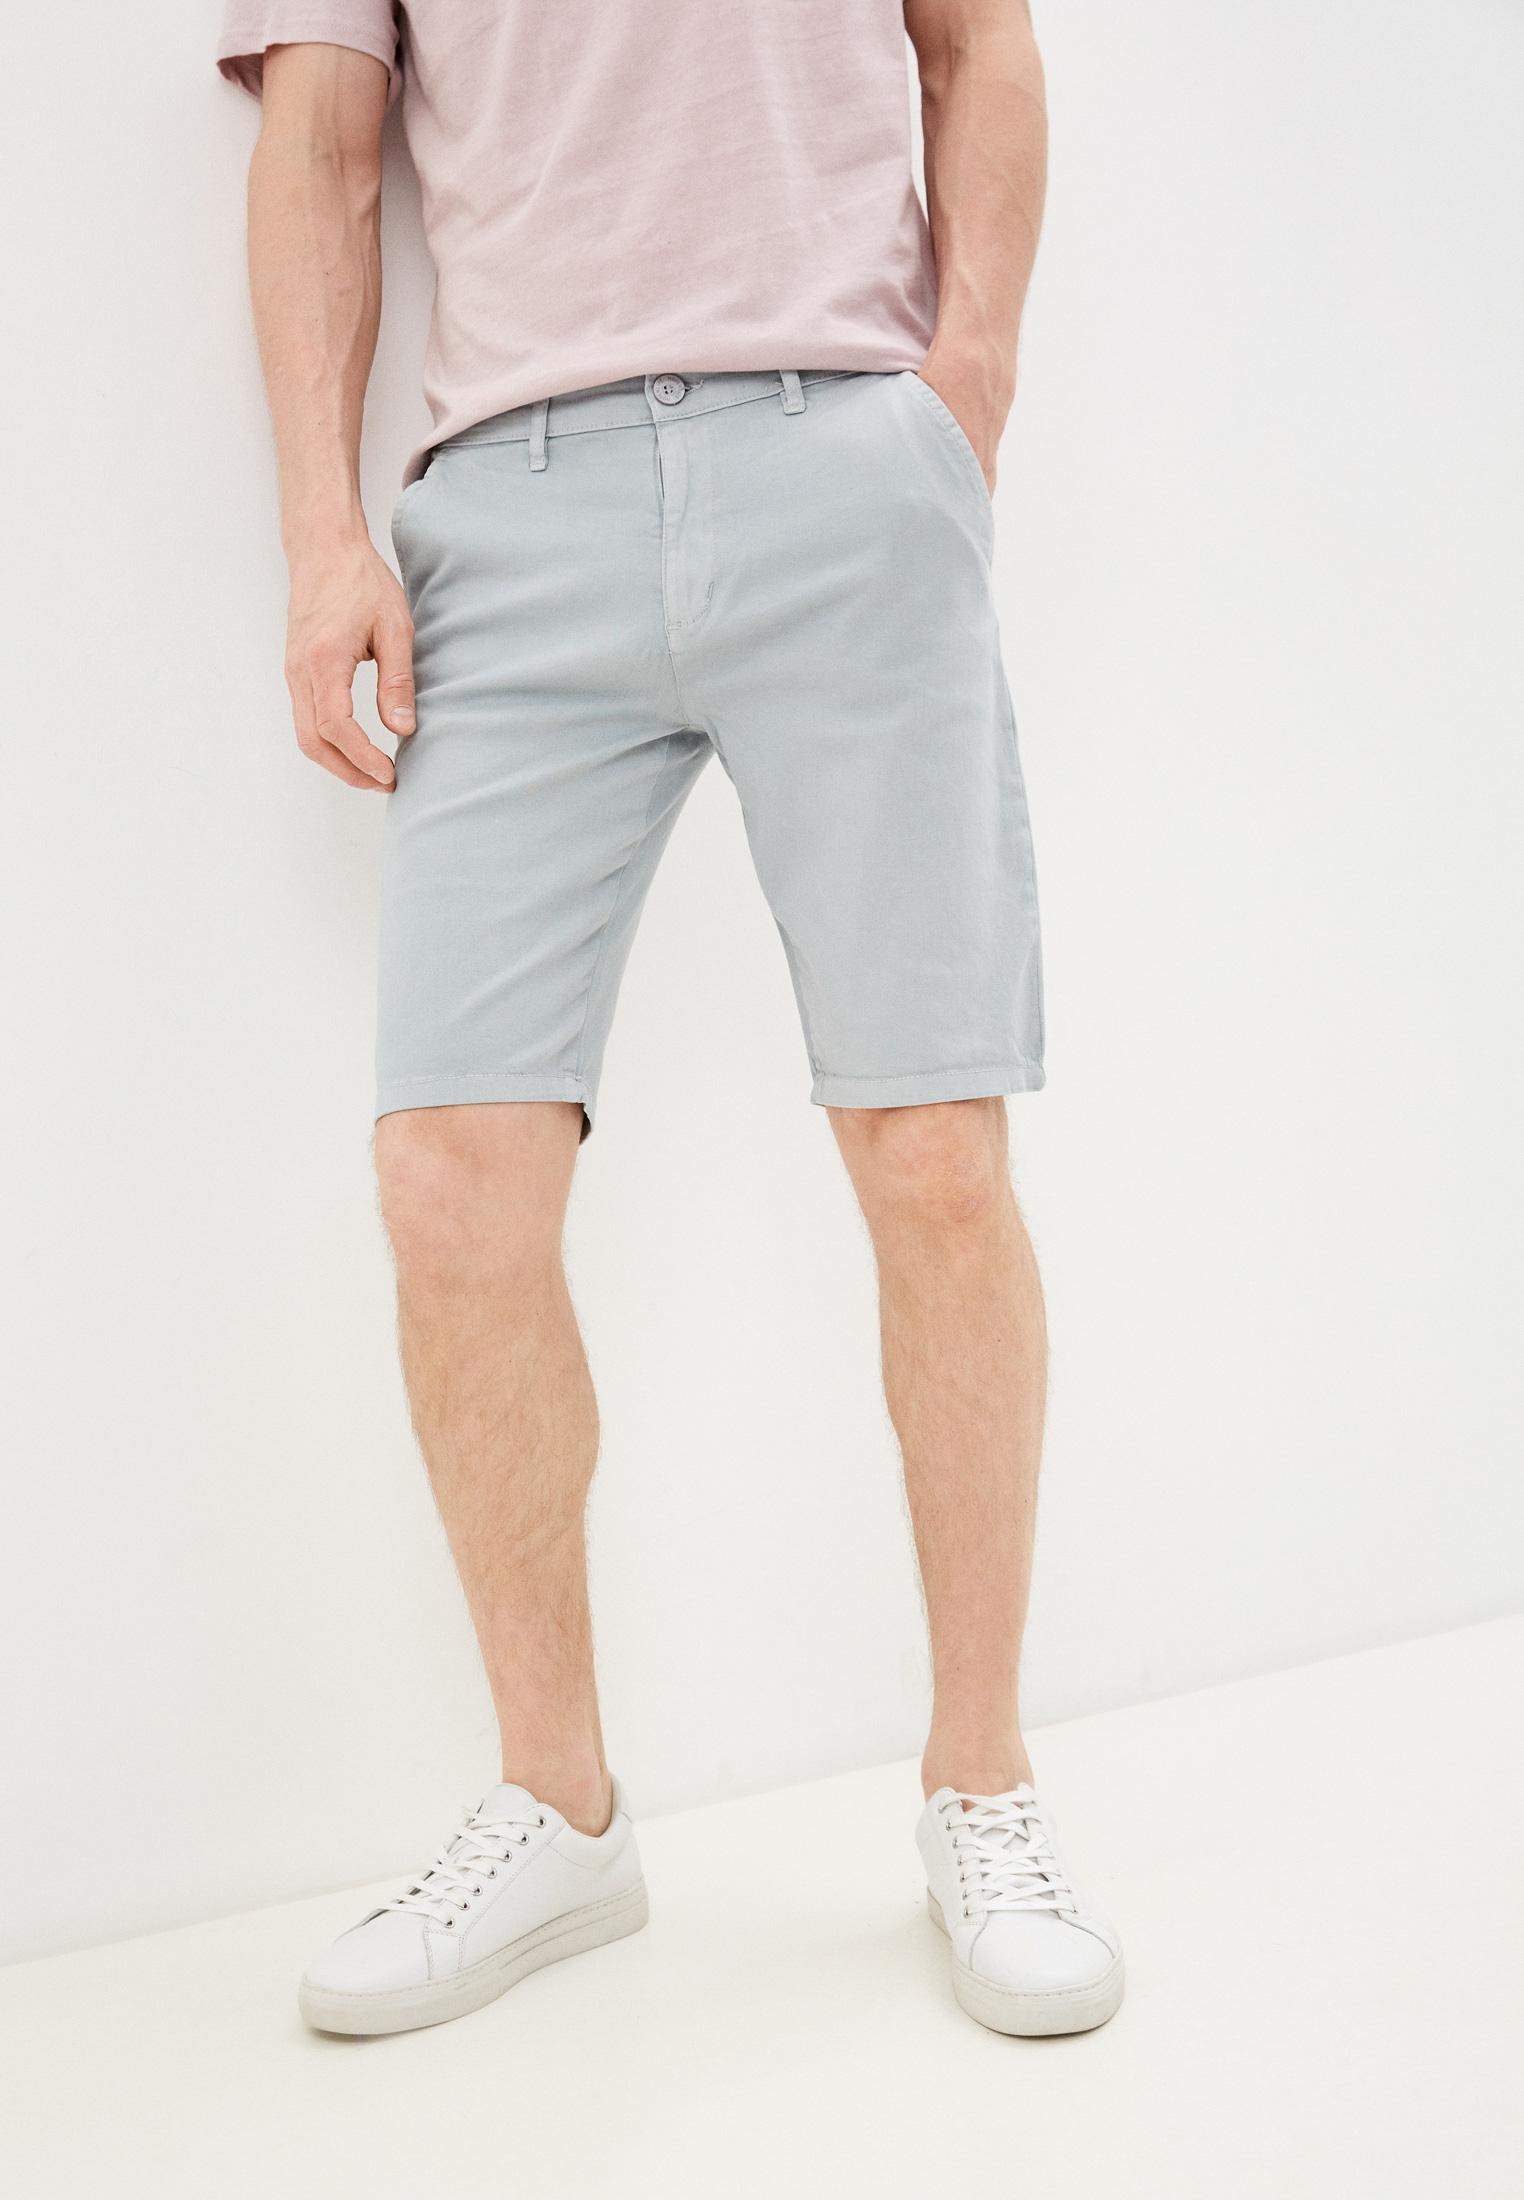 Мужские повседневные шорты Hopenlife Шорты Hopenlife